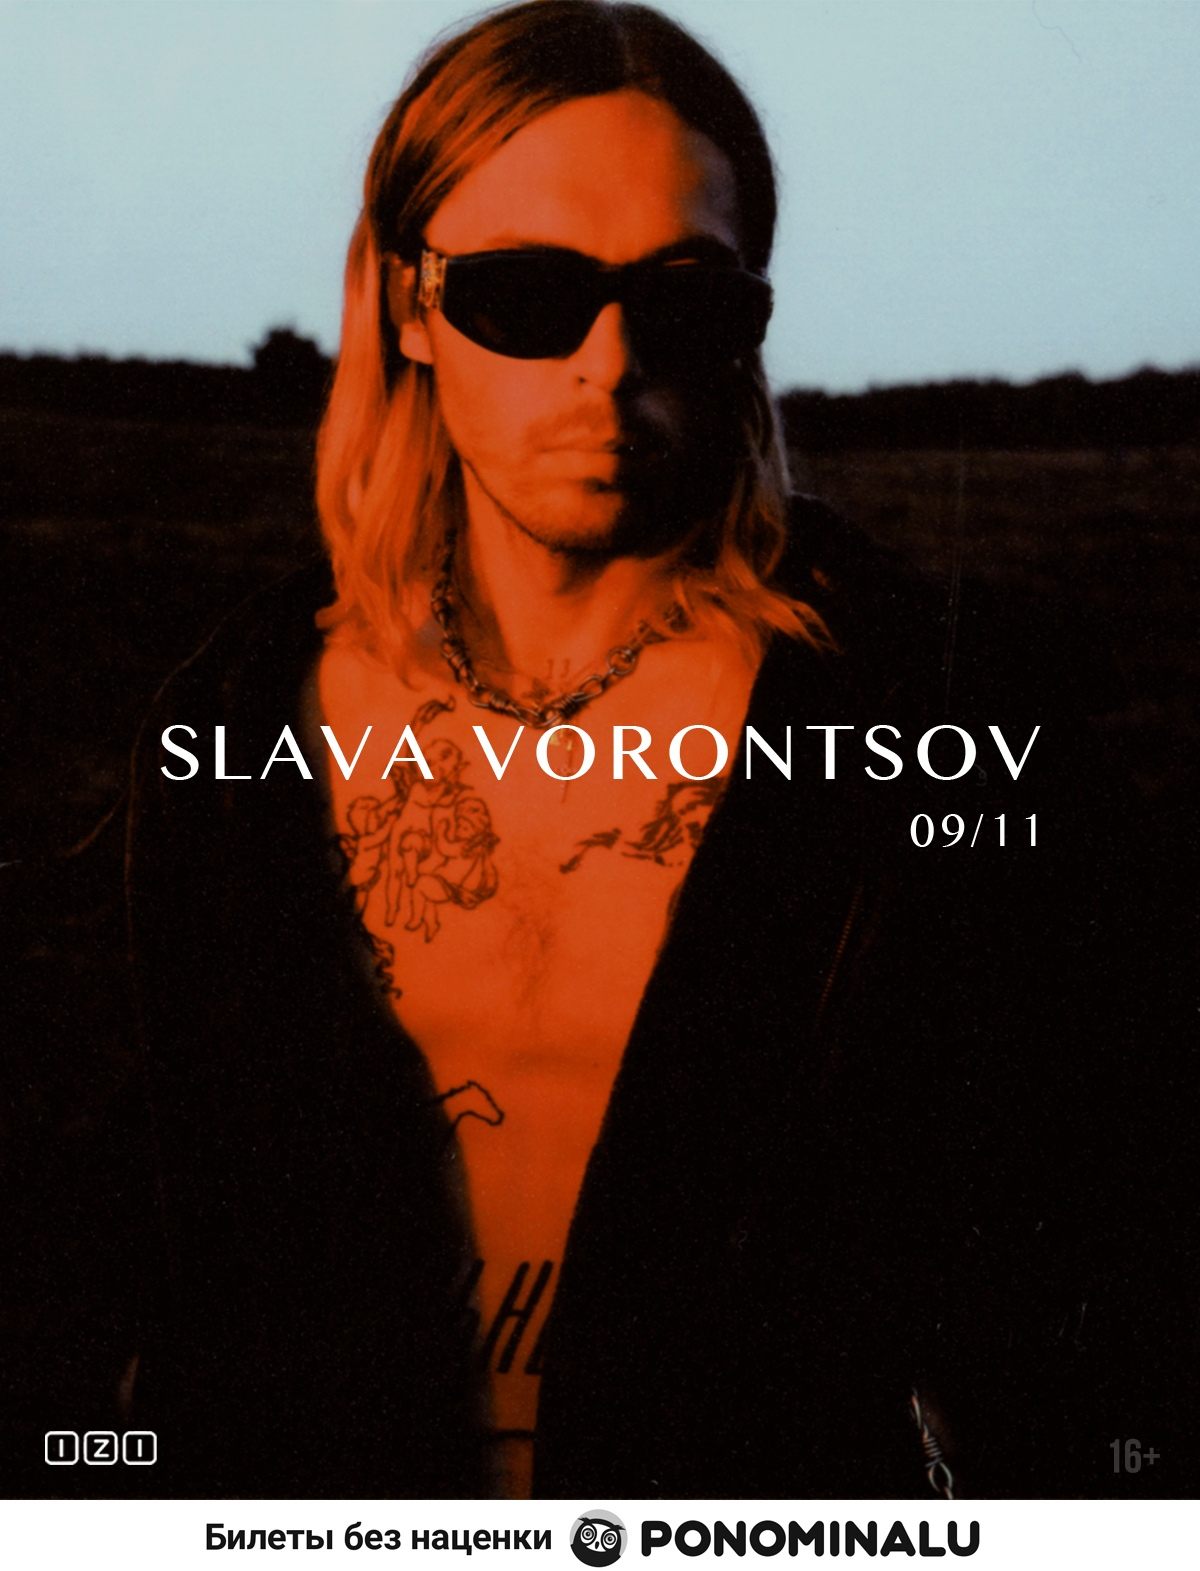 Slava Vorontsov